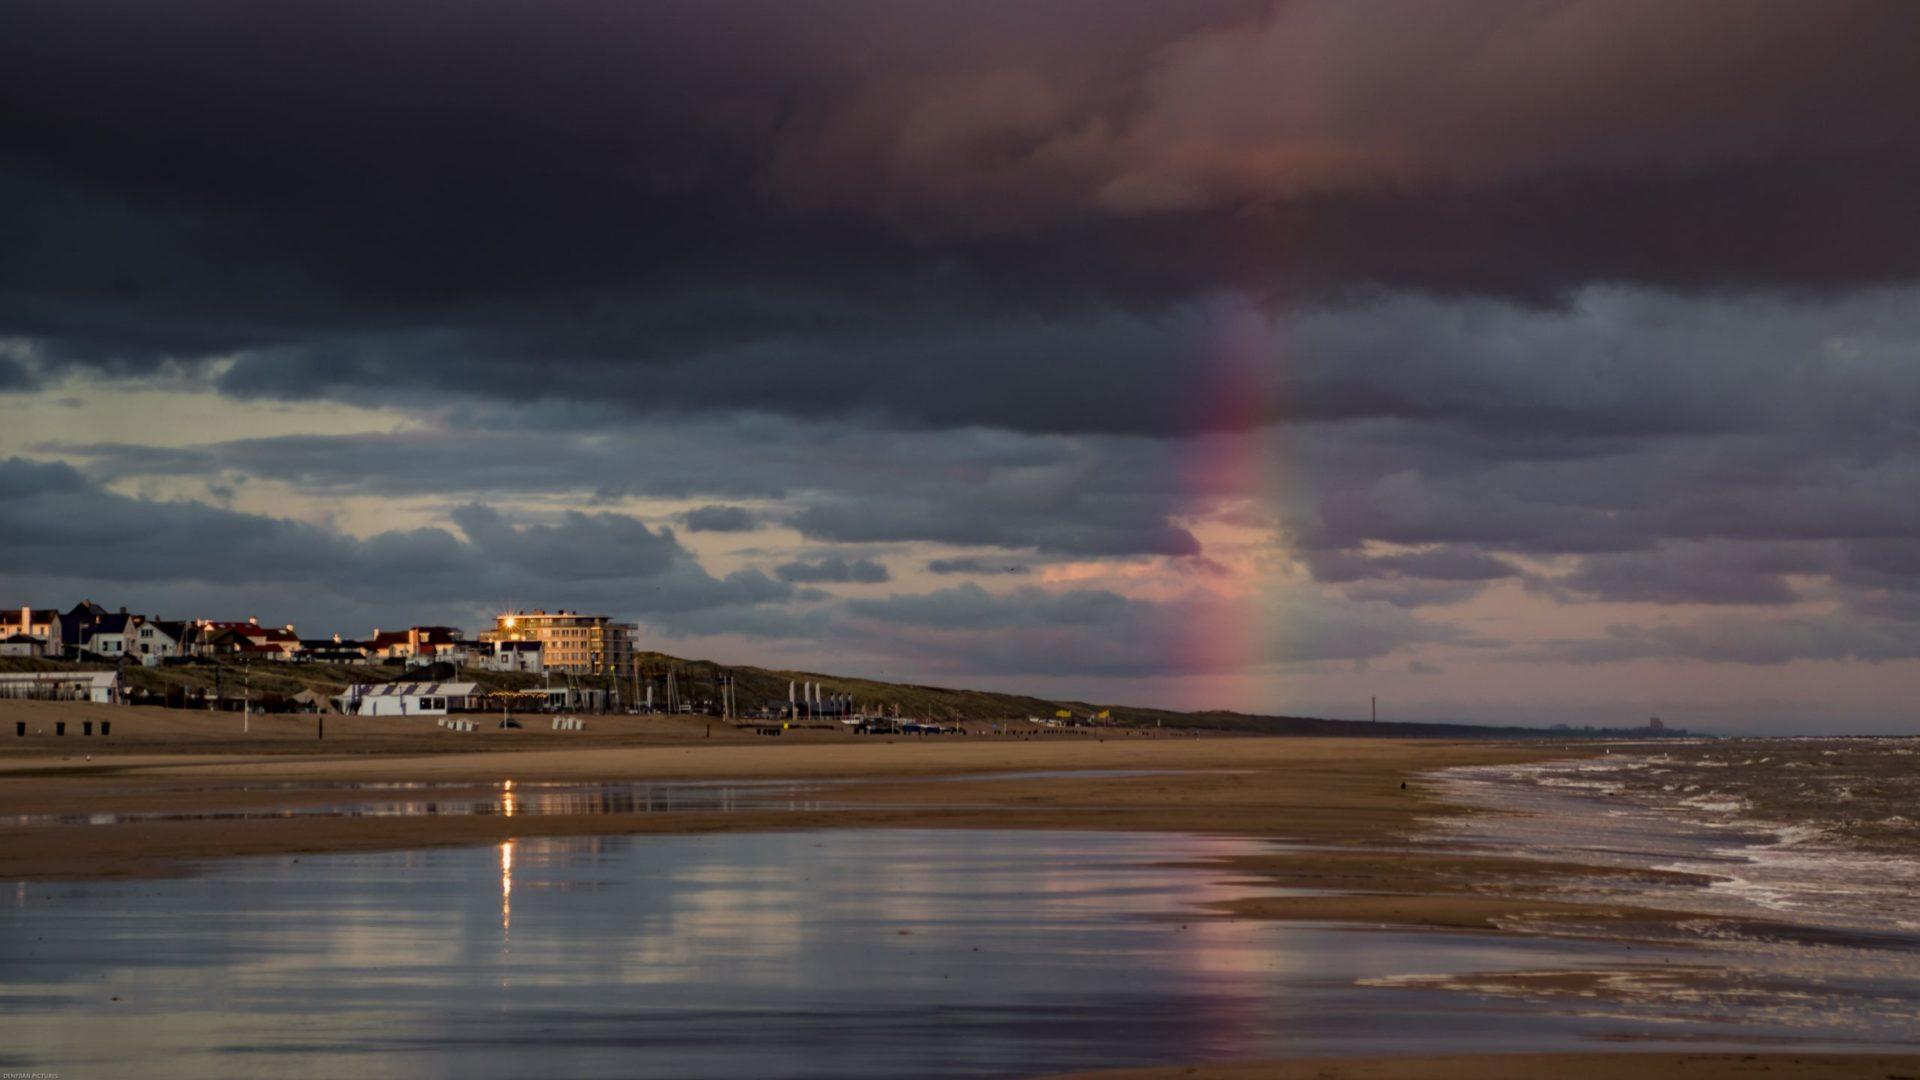 Wassertemperatur Zandvoort: Nordseestrand bei Zandvoort mit Regenbogen